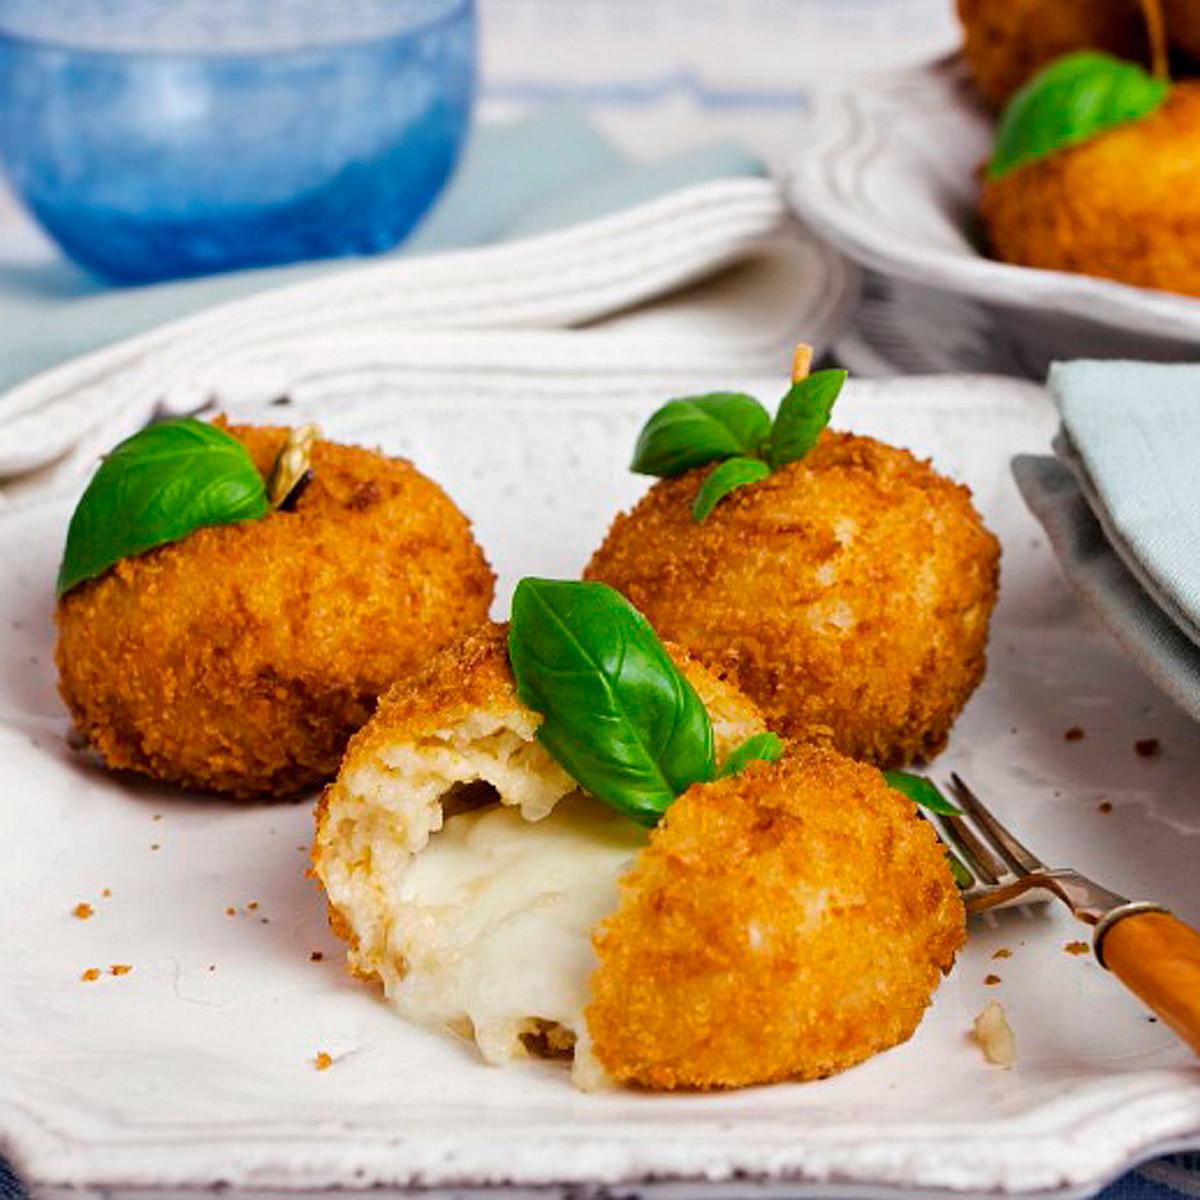 Planificación de menús - Escuela de cocina TELVA - croquetas